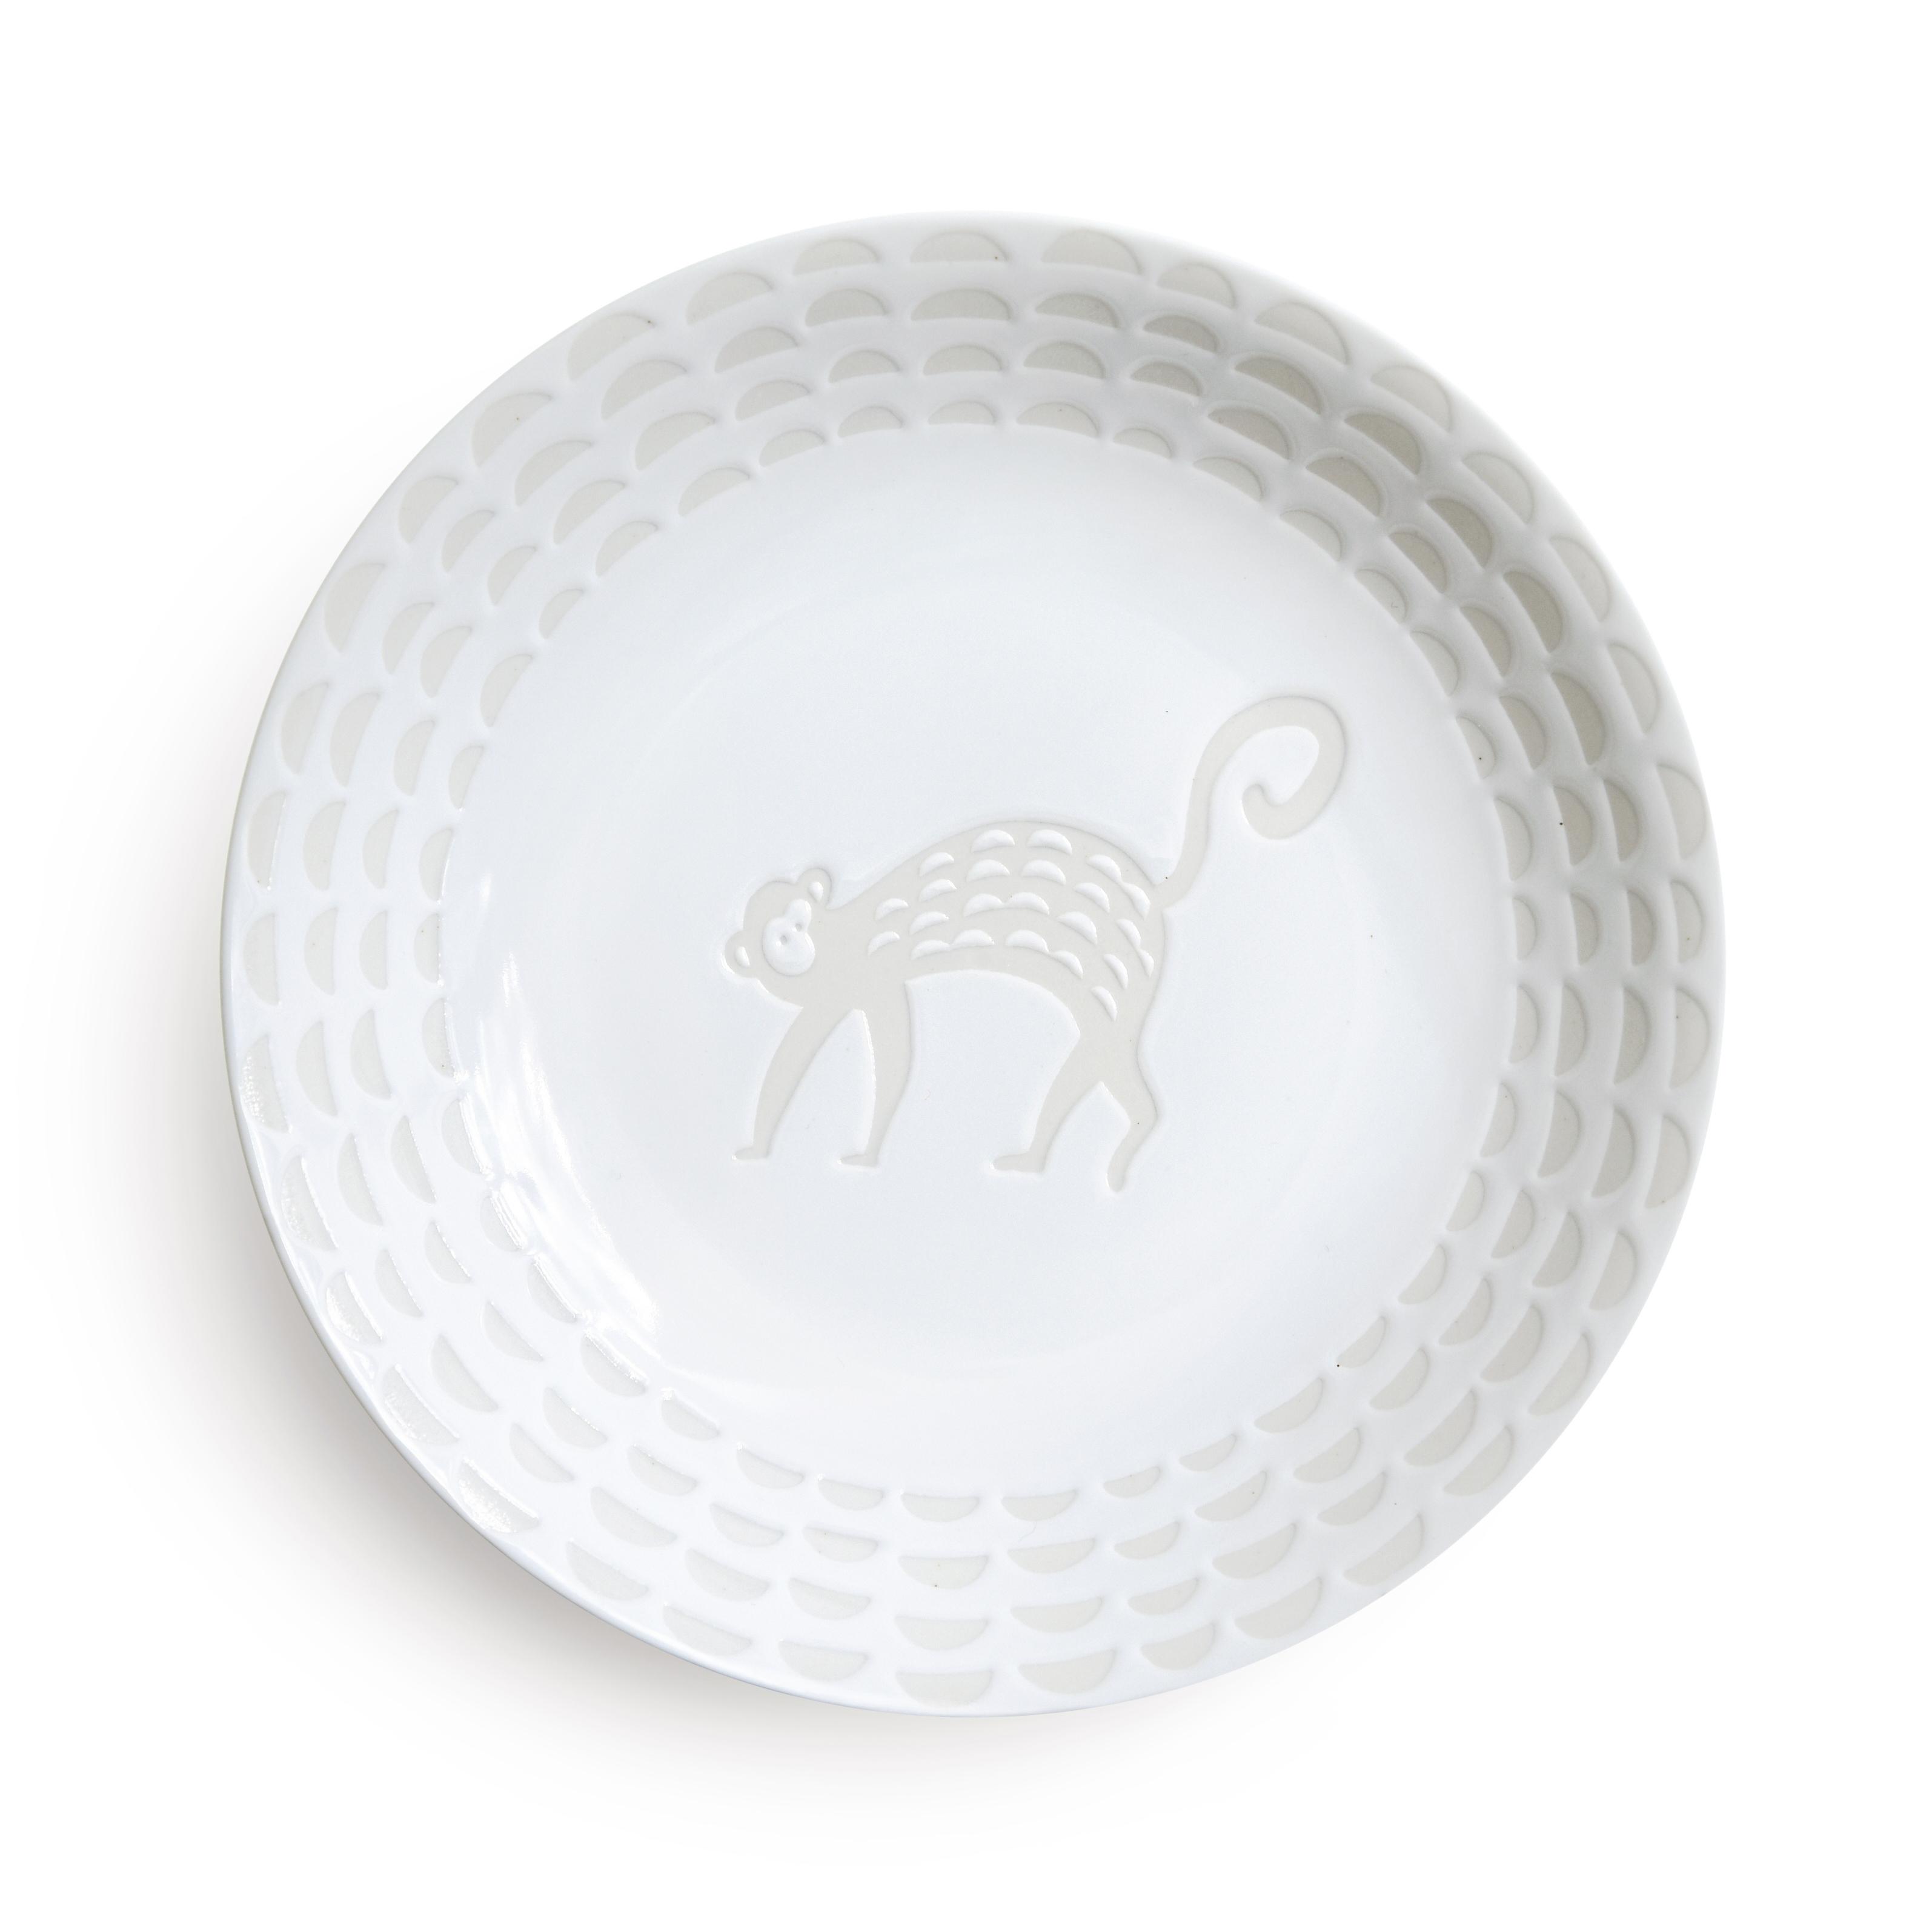 波佐見焼 北欧食器 和食器 おしゃれ natural69 ZUPA white 取皿